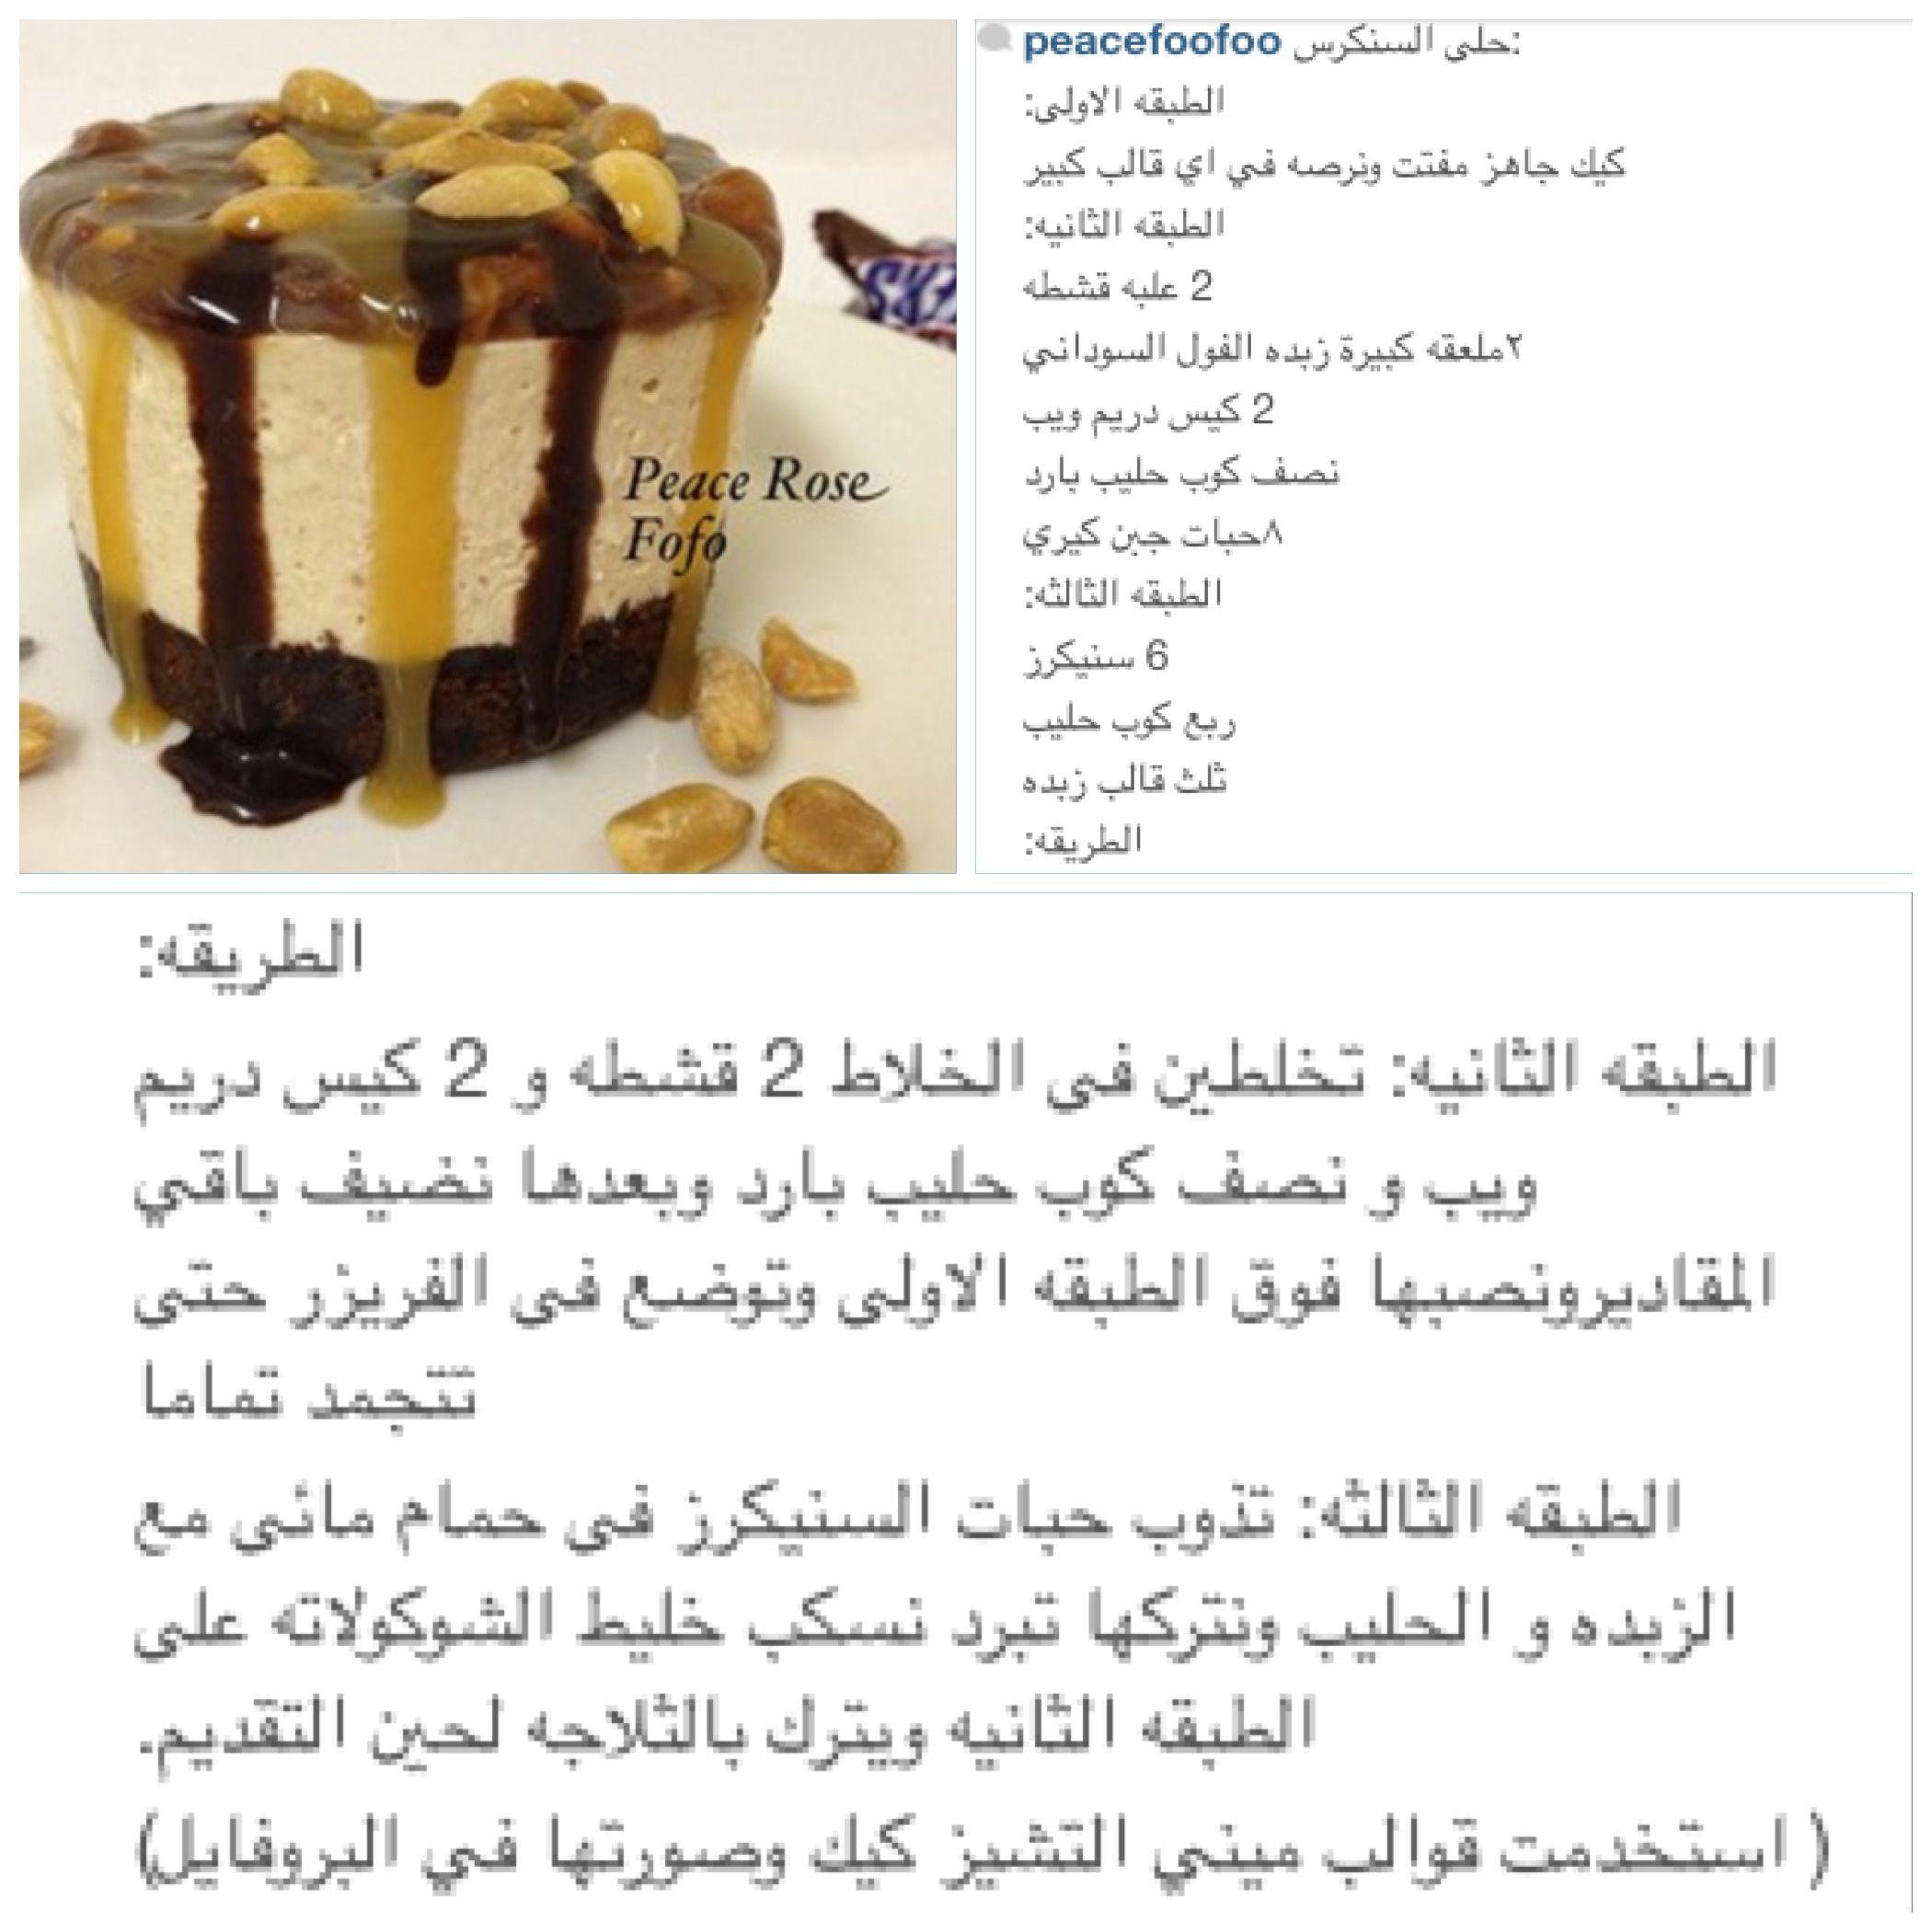 حلي سنكرز بقوالب التميز كيك Desserts Yummy Food Food